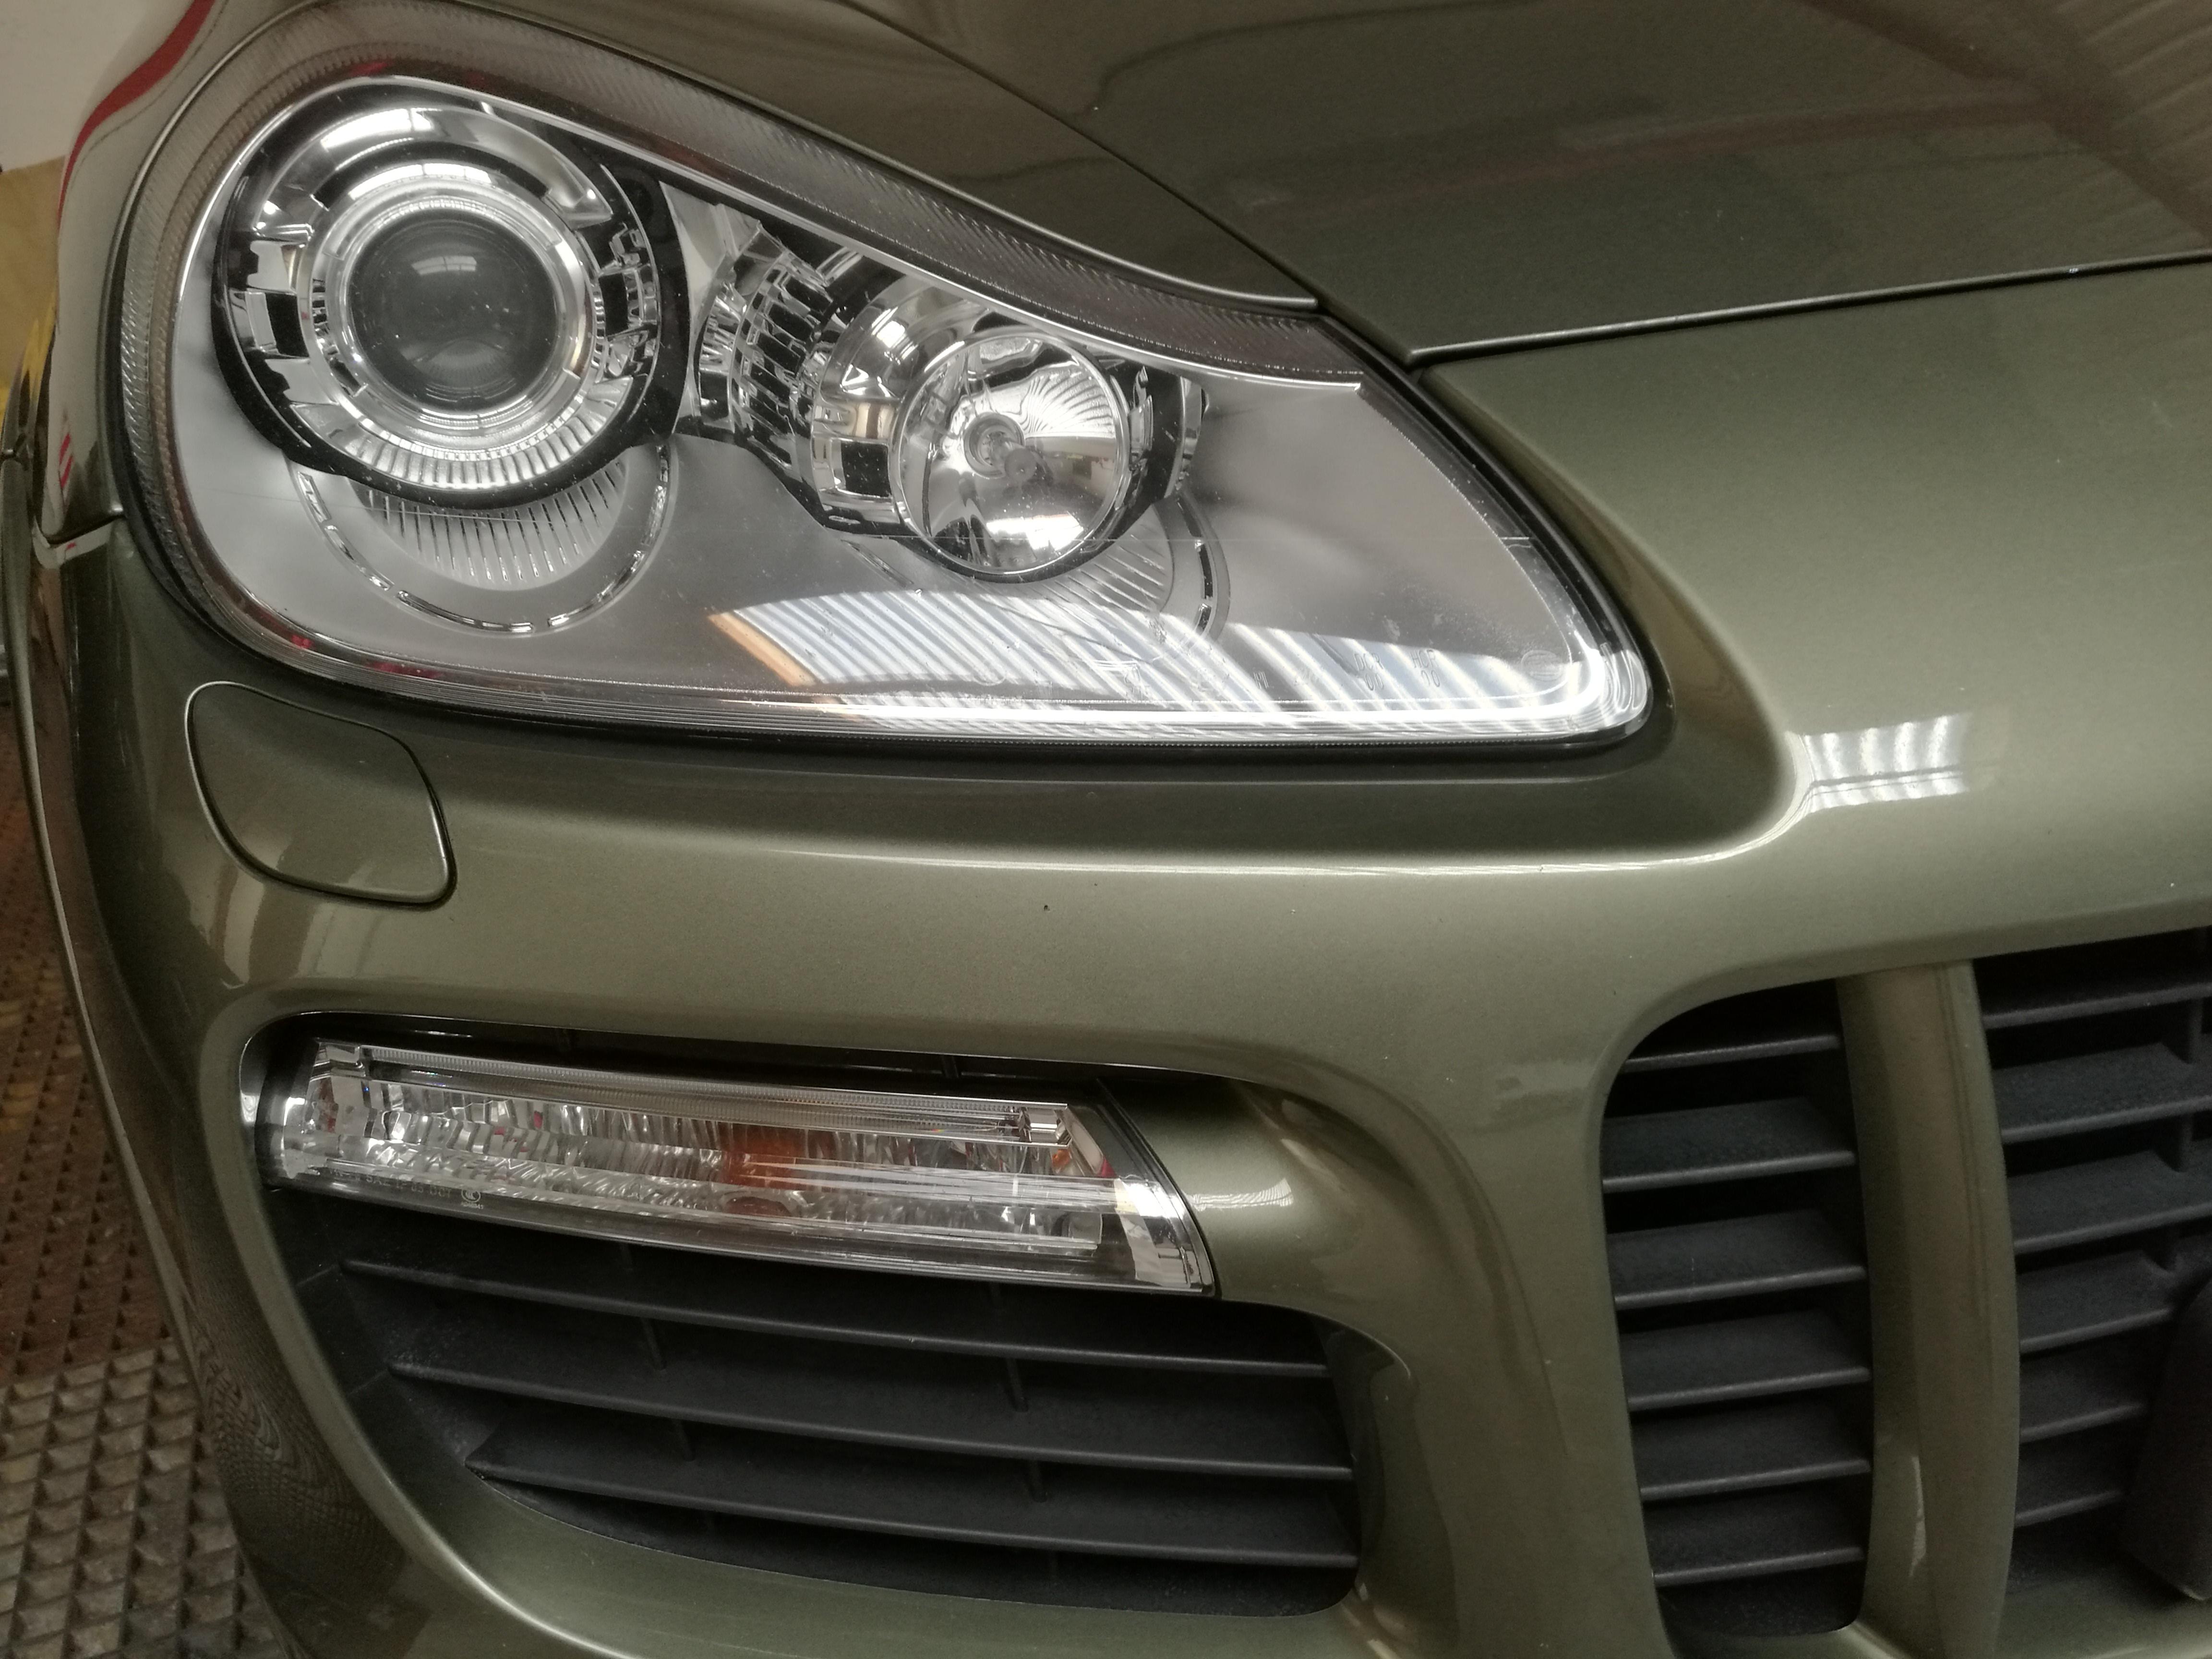 Detailer professionnel - Specialiste en rénovation et protection carrosserie voiture de sport - Pors